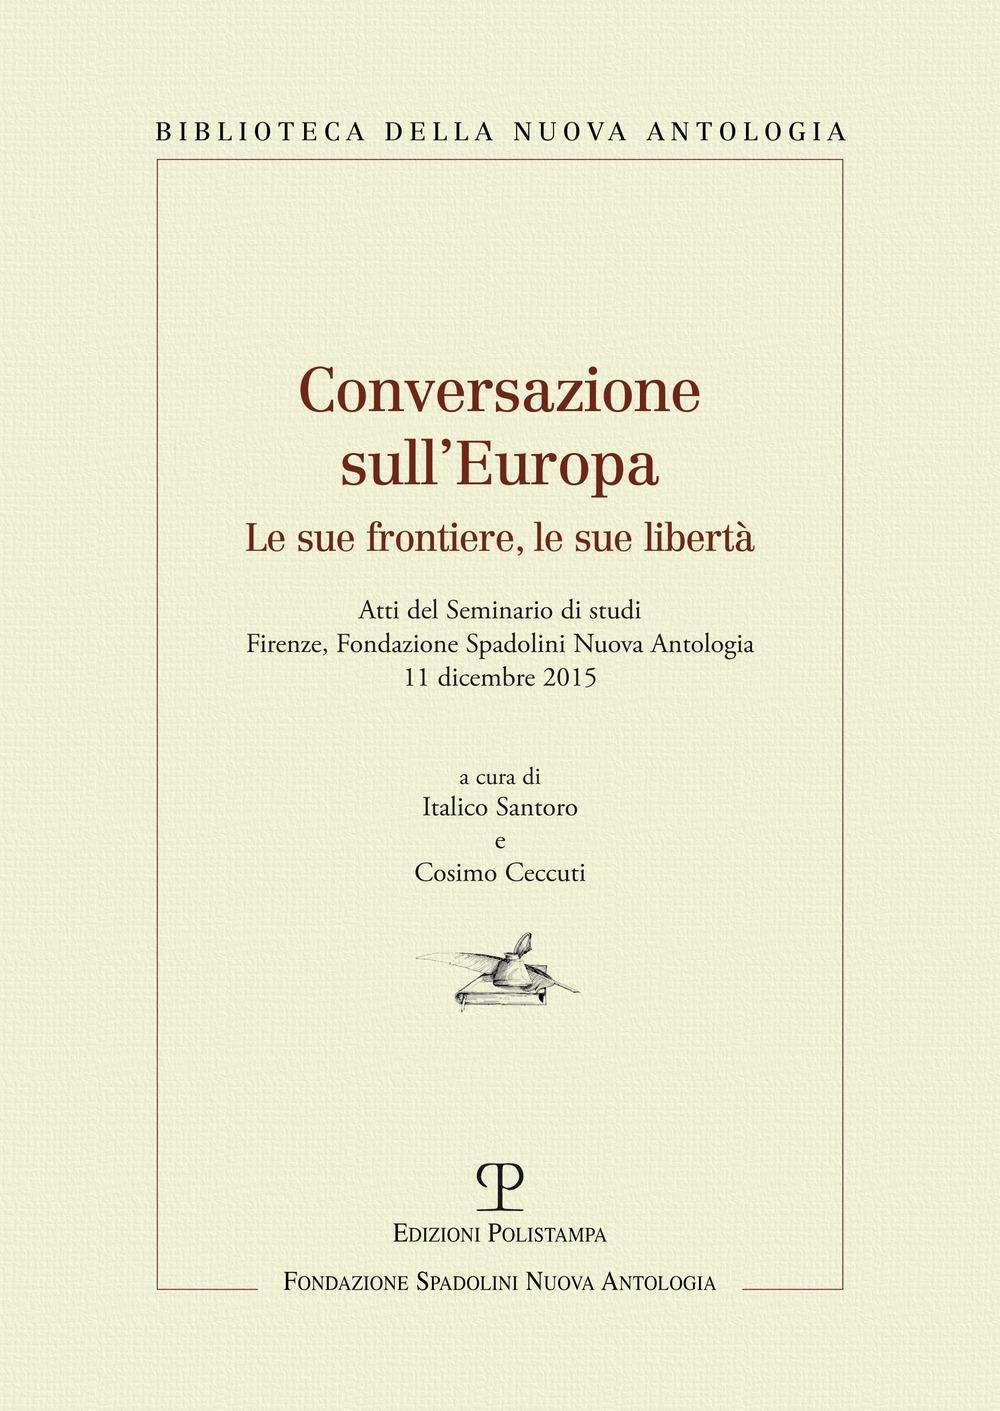 Conversazione sull'Europa. Le Sue Frontiere, le Sue Libertà. Firenze, Fondazione Spadolini Nuova Antologia, 11 Dicembre 2015.